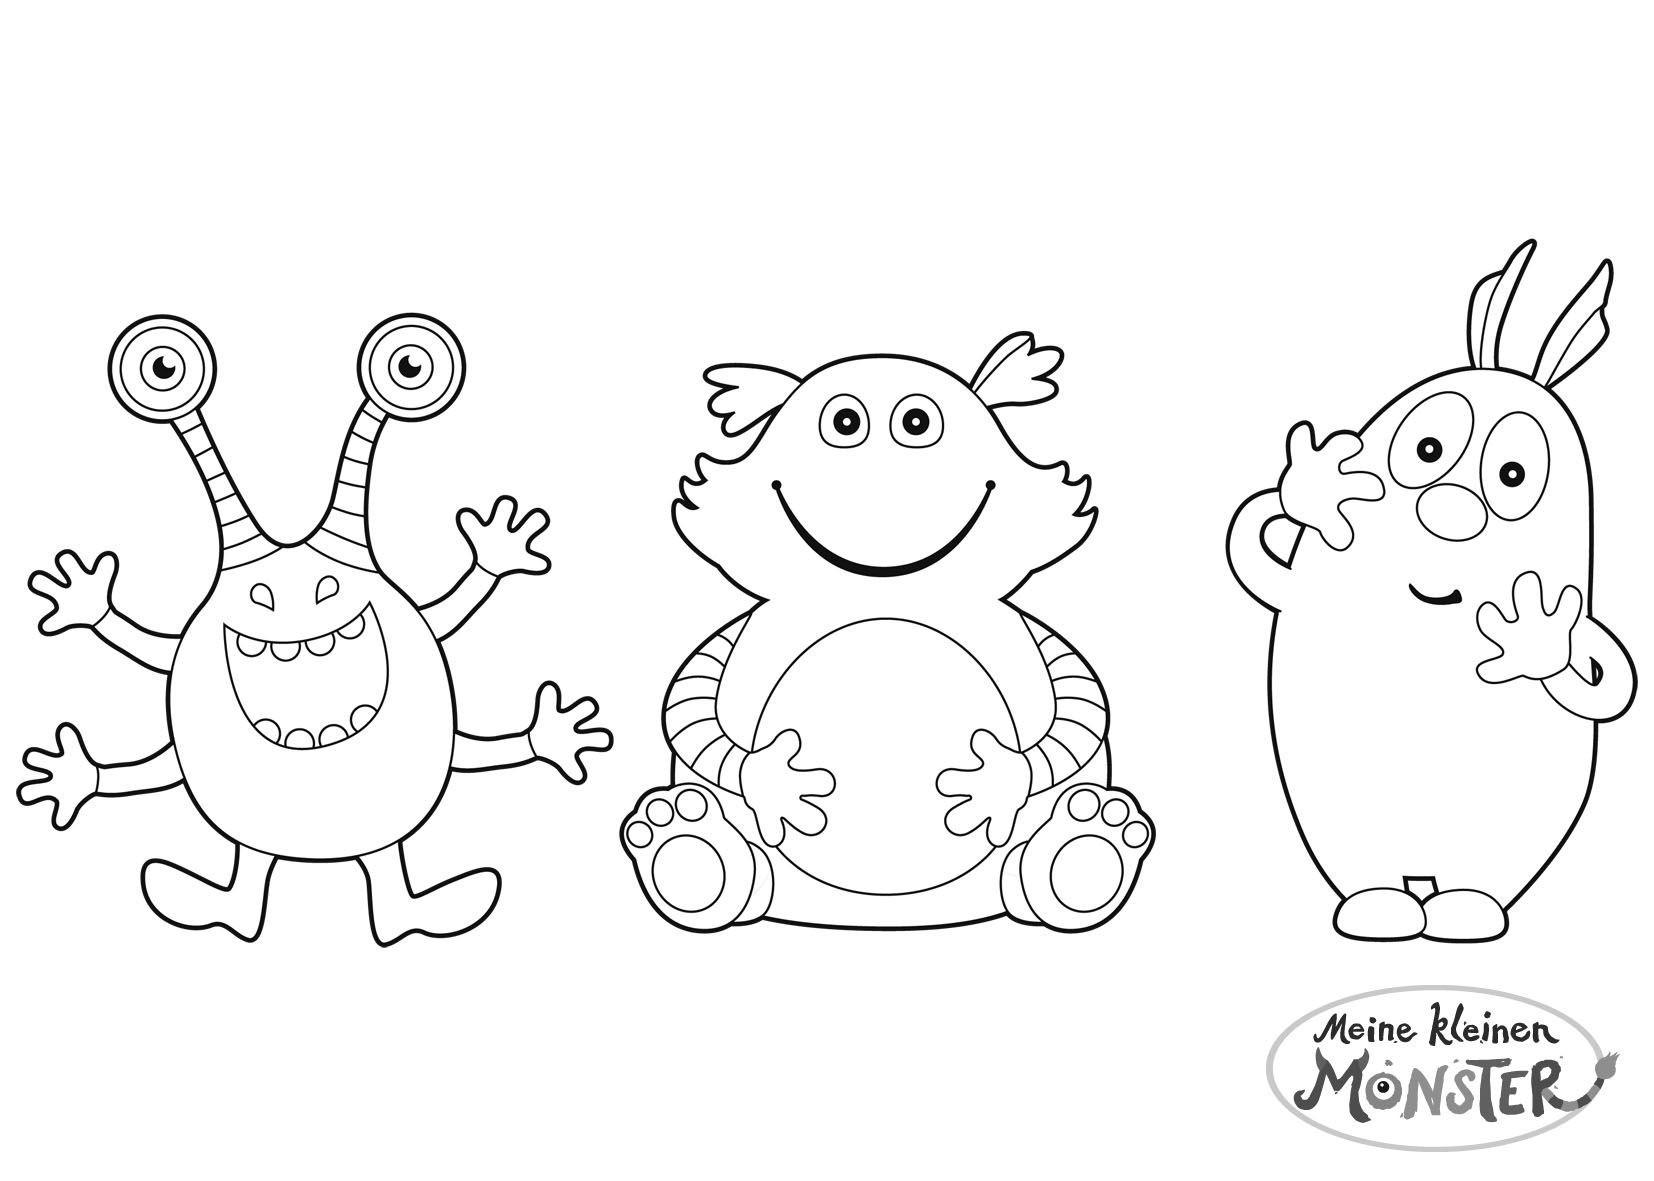 Gruselige Monster Ausmalbilder Frisch Ausmalbilder Hello Kitty Weihnachten Inspirierend Hello Kitty Luxus Bild